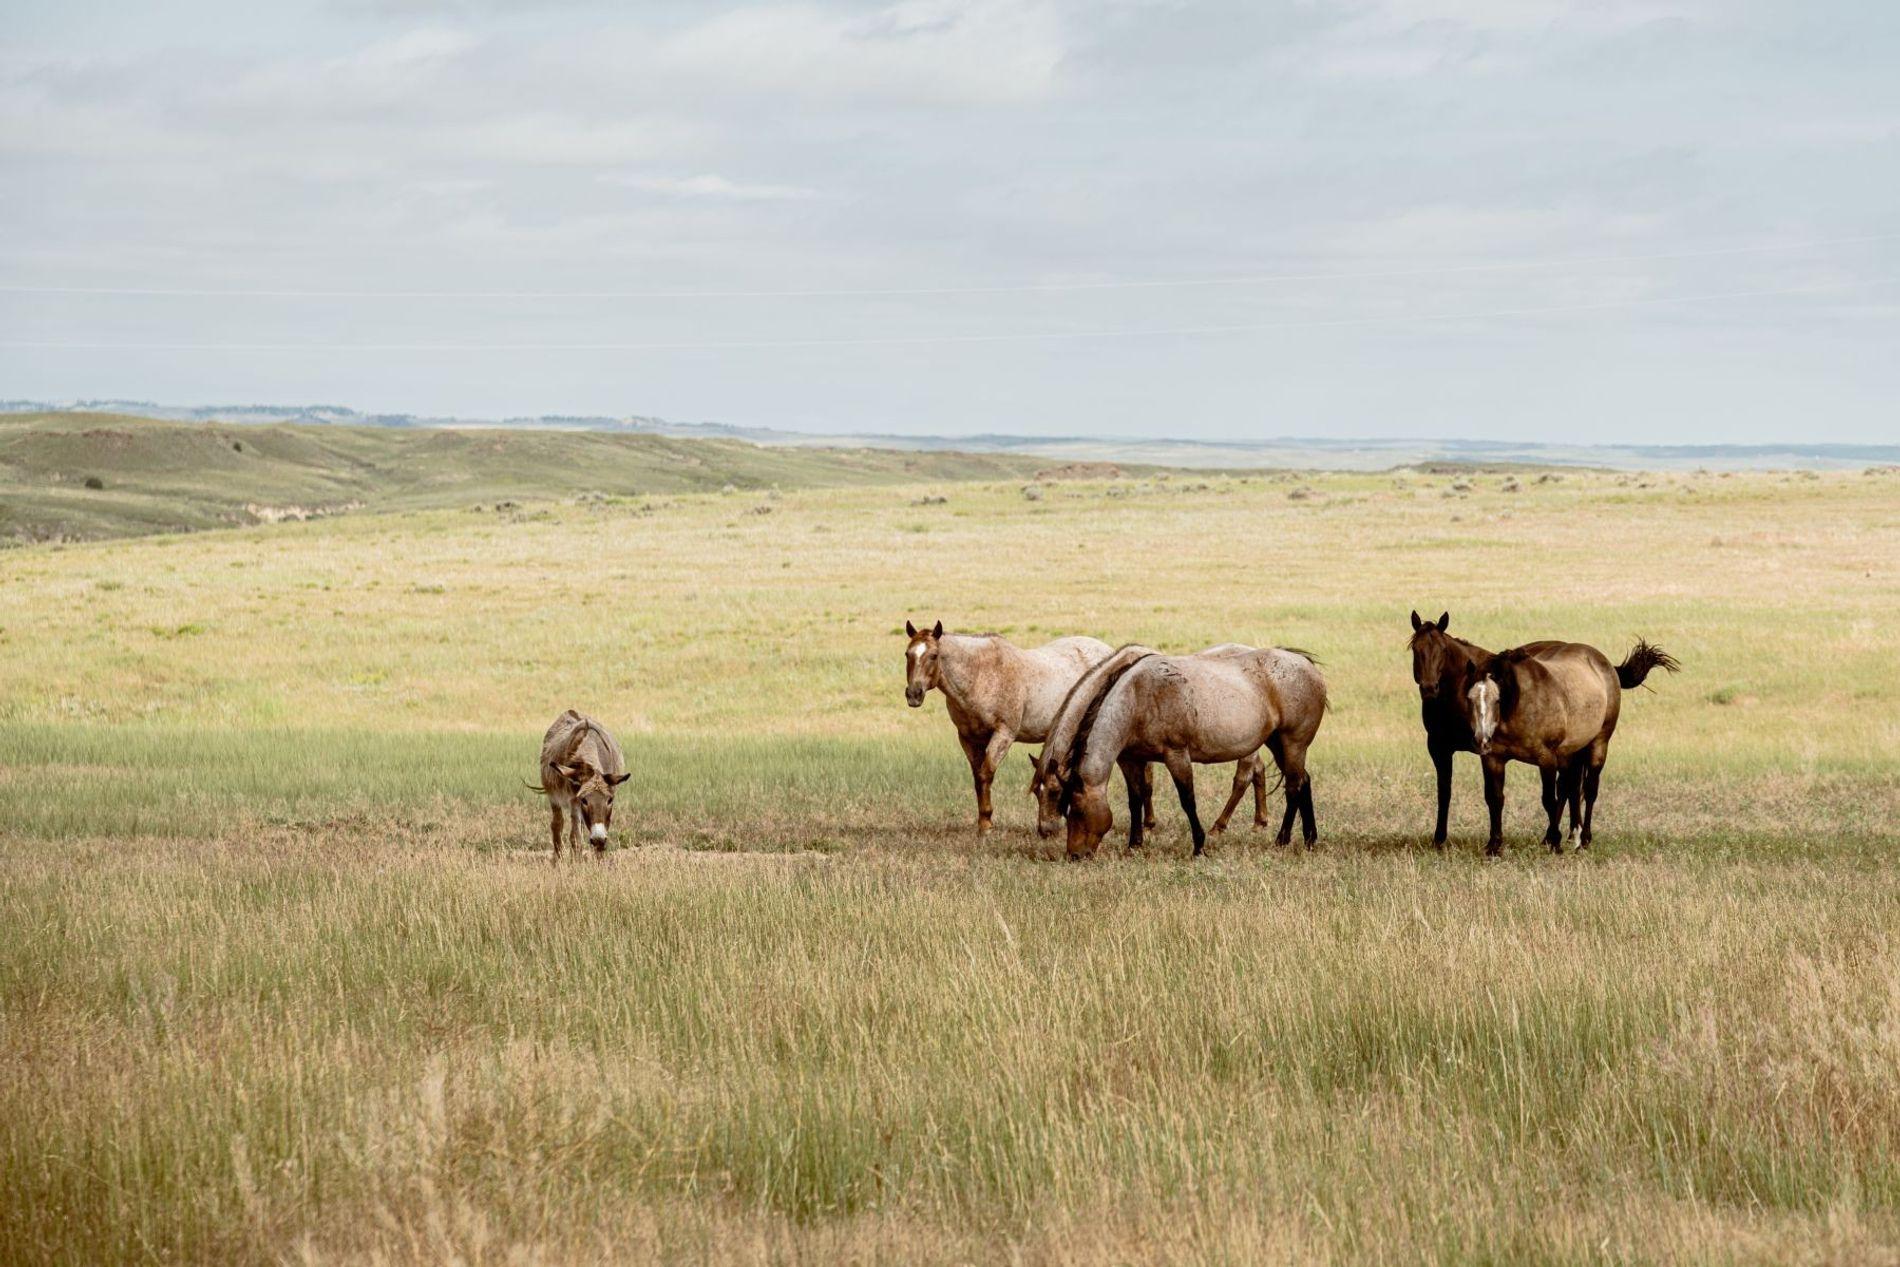 Pferde und Esel sind das ganze Jahr auf der Weide.